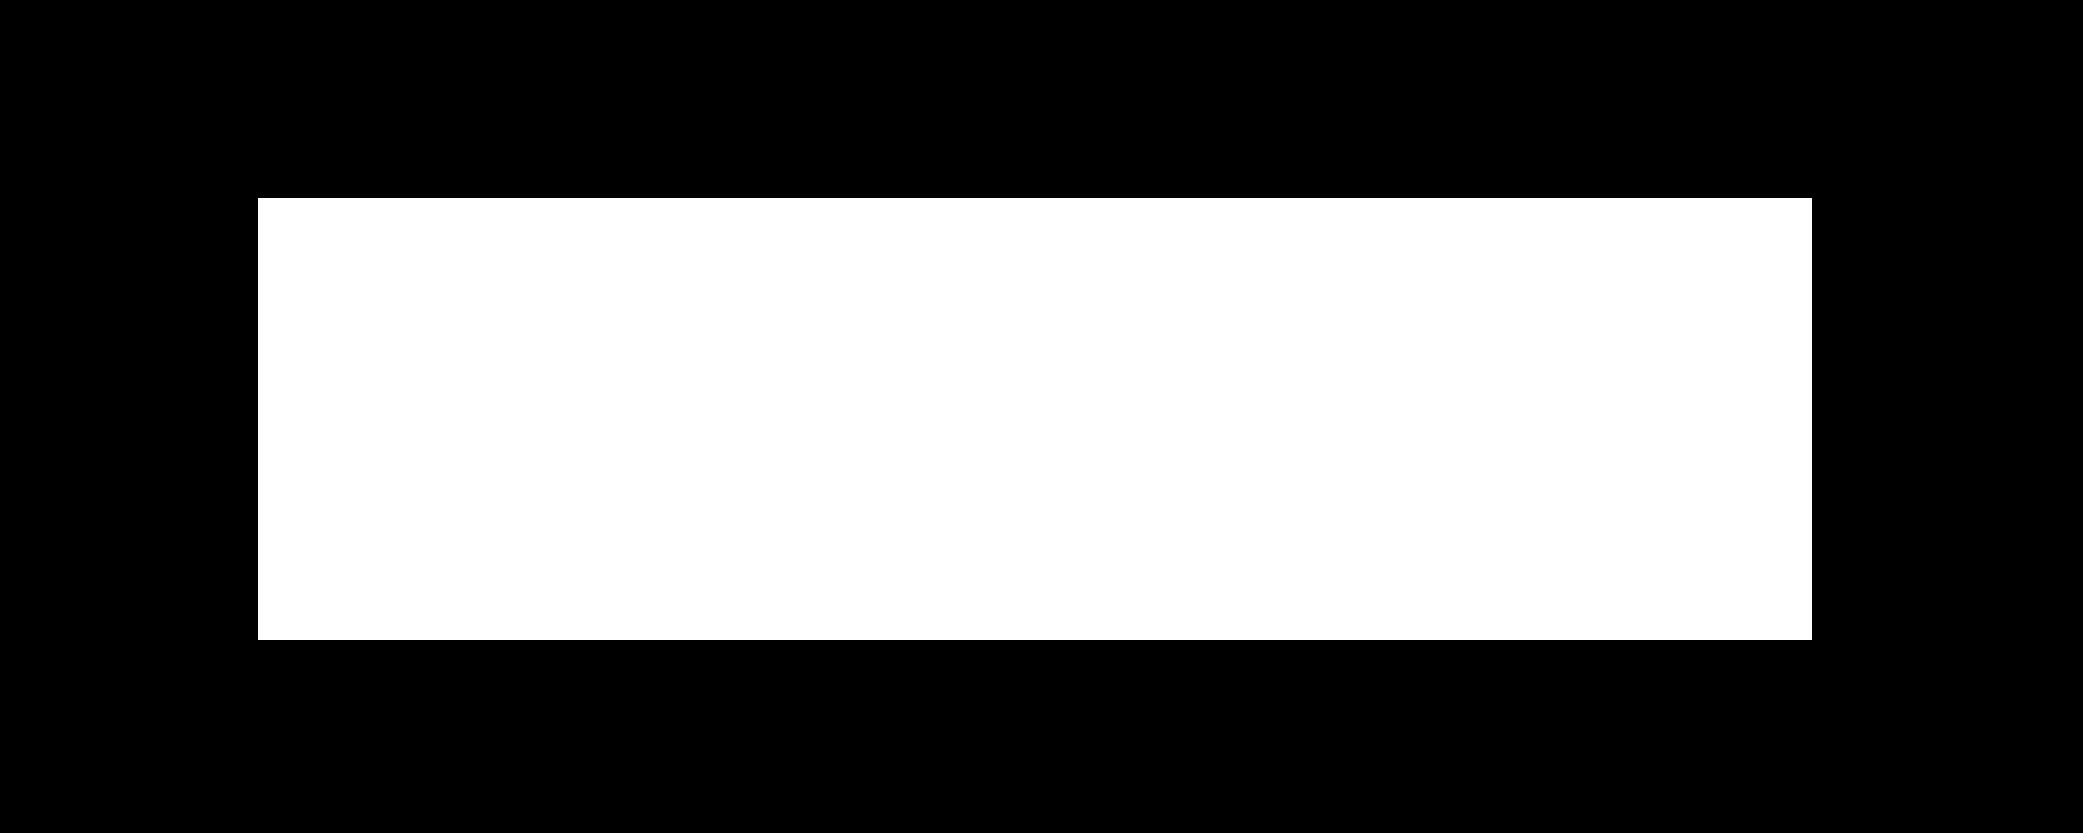 MAKE Logos MasterWHITE.png